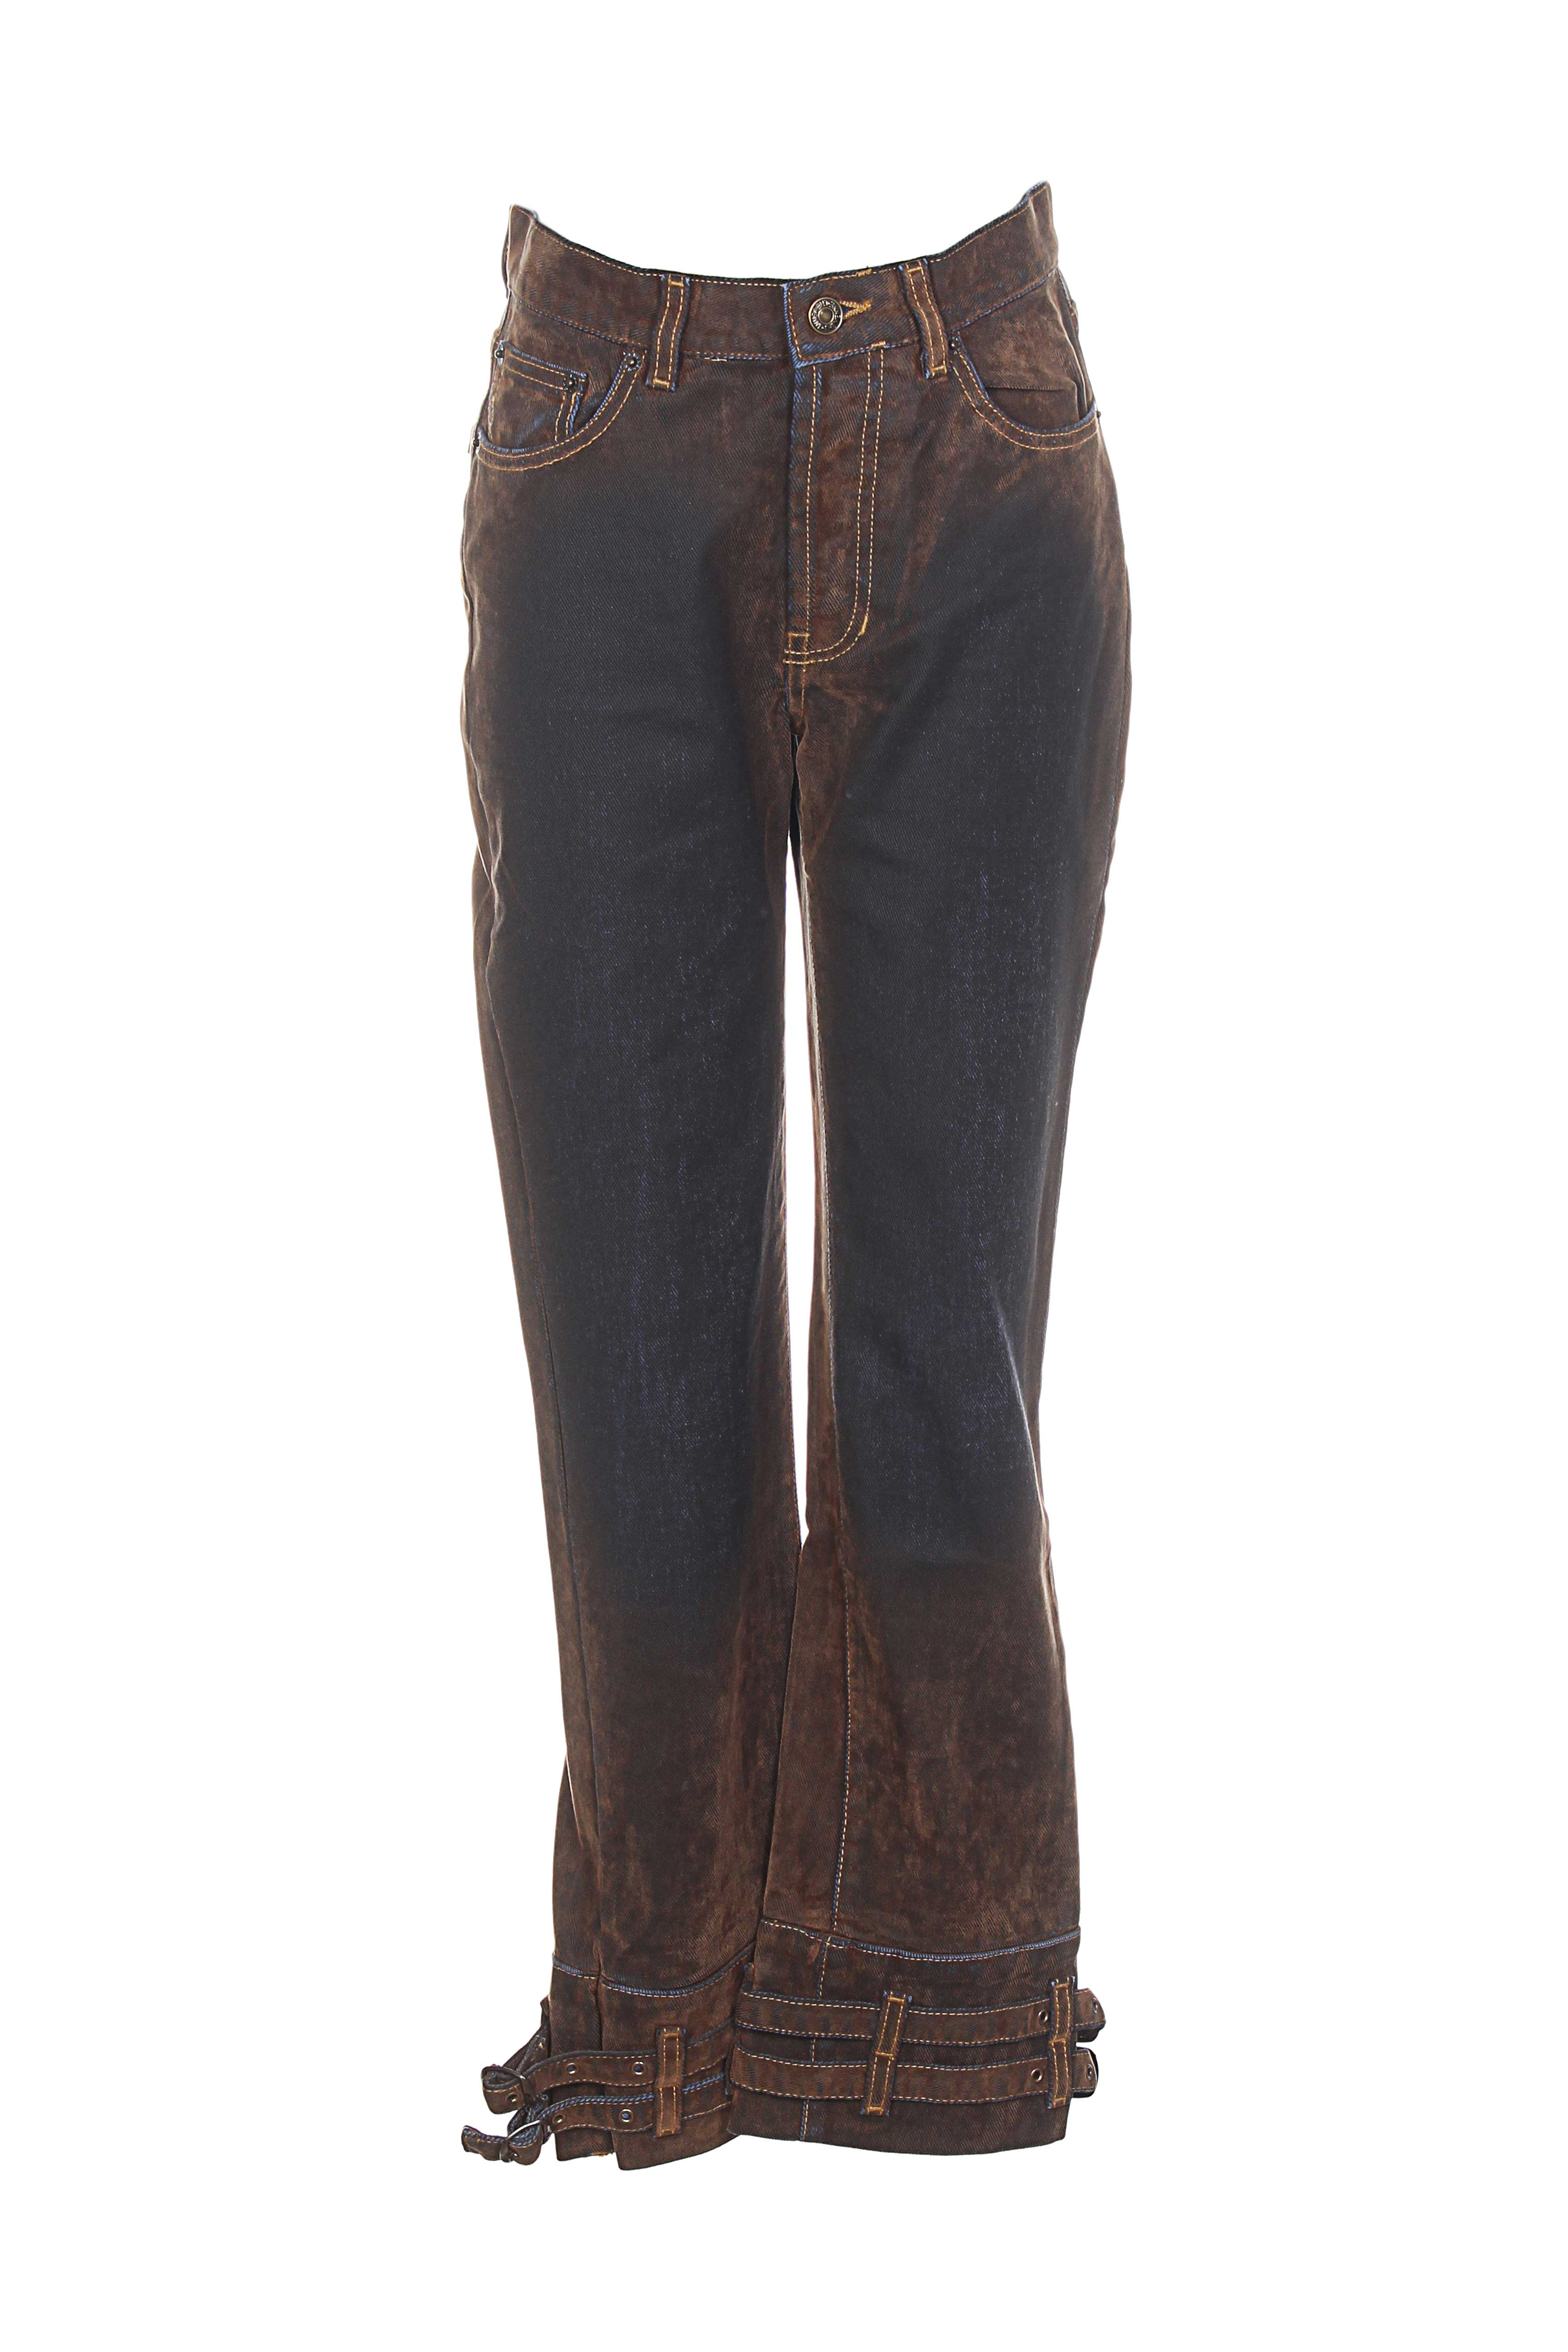 Cheyenne Jeans Coupe Droite Femme De Couleur Marron En Soldes Pas Cher 914261-marron - Modz